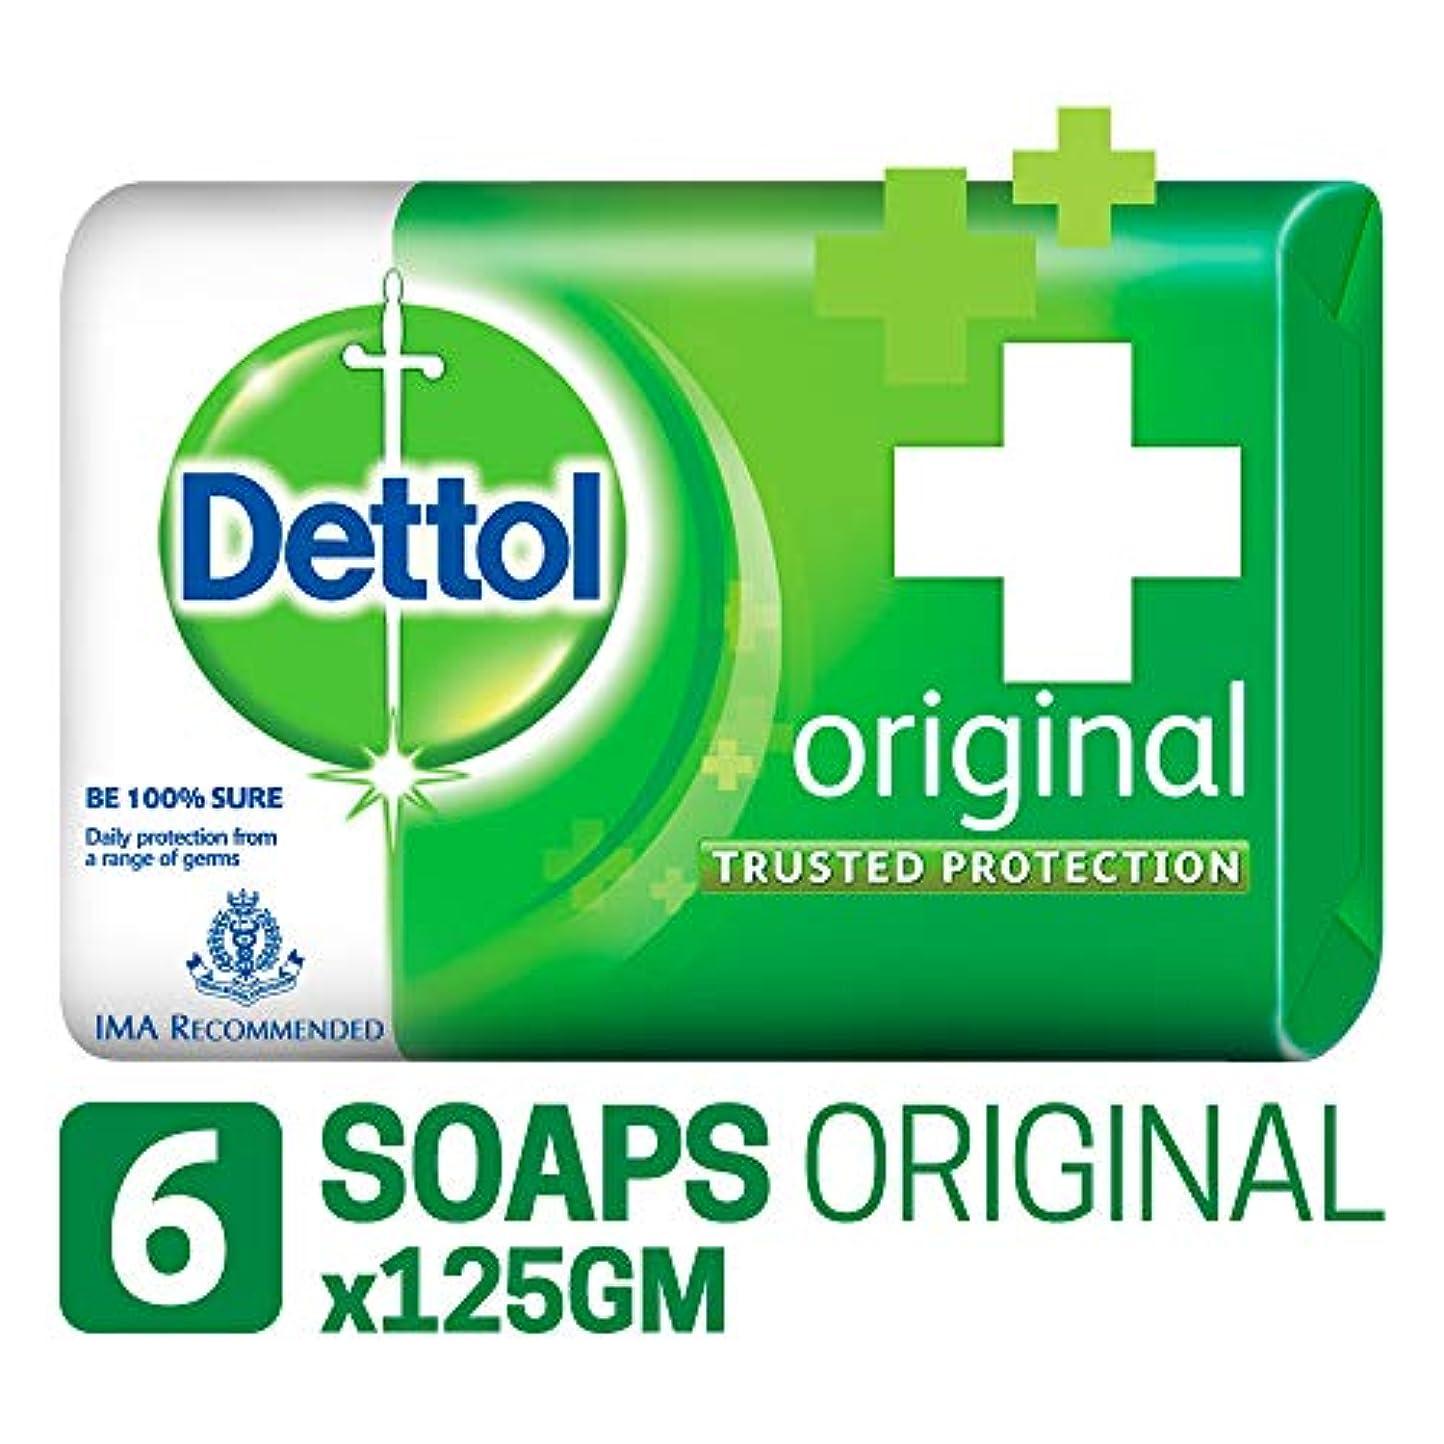 確立します感じアラブ人Dettol Original Soap, 125g (Pack Of 6) SHIP FROM INDIA